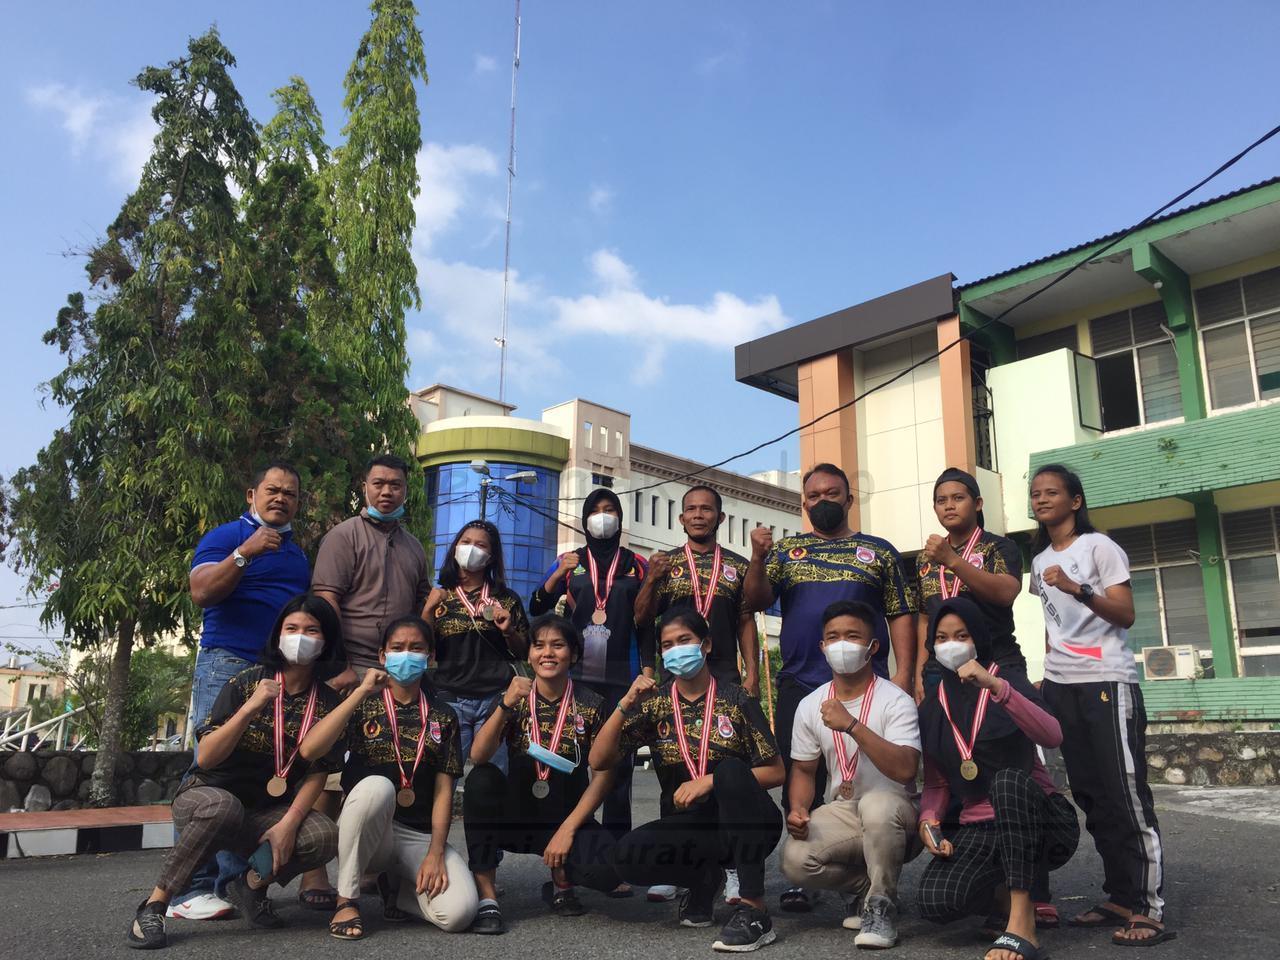 Pabbsi Tebing Tinggi Sabet 12 Medali di Medan Open Turnamen 2021 17 IMG 20210301 WA0083